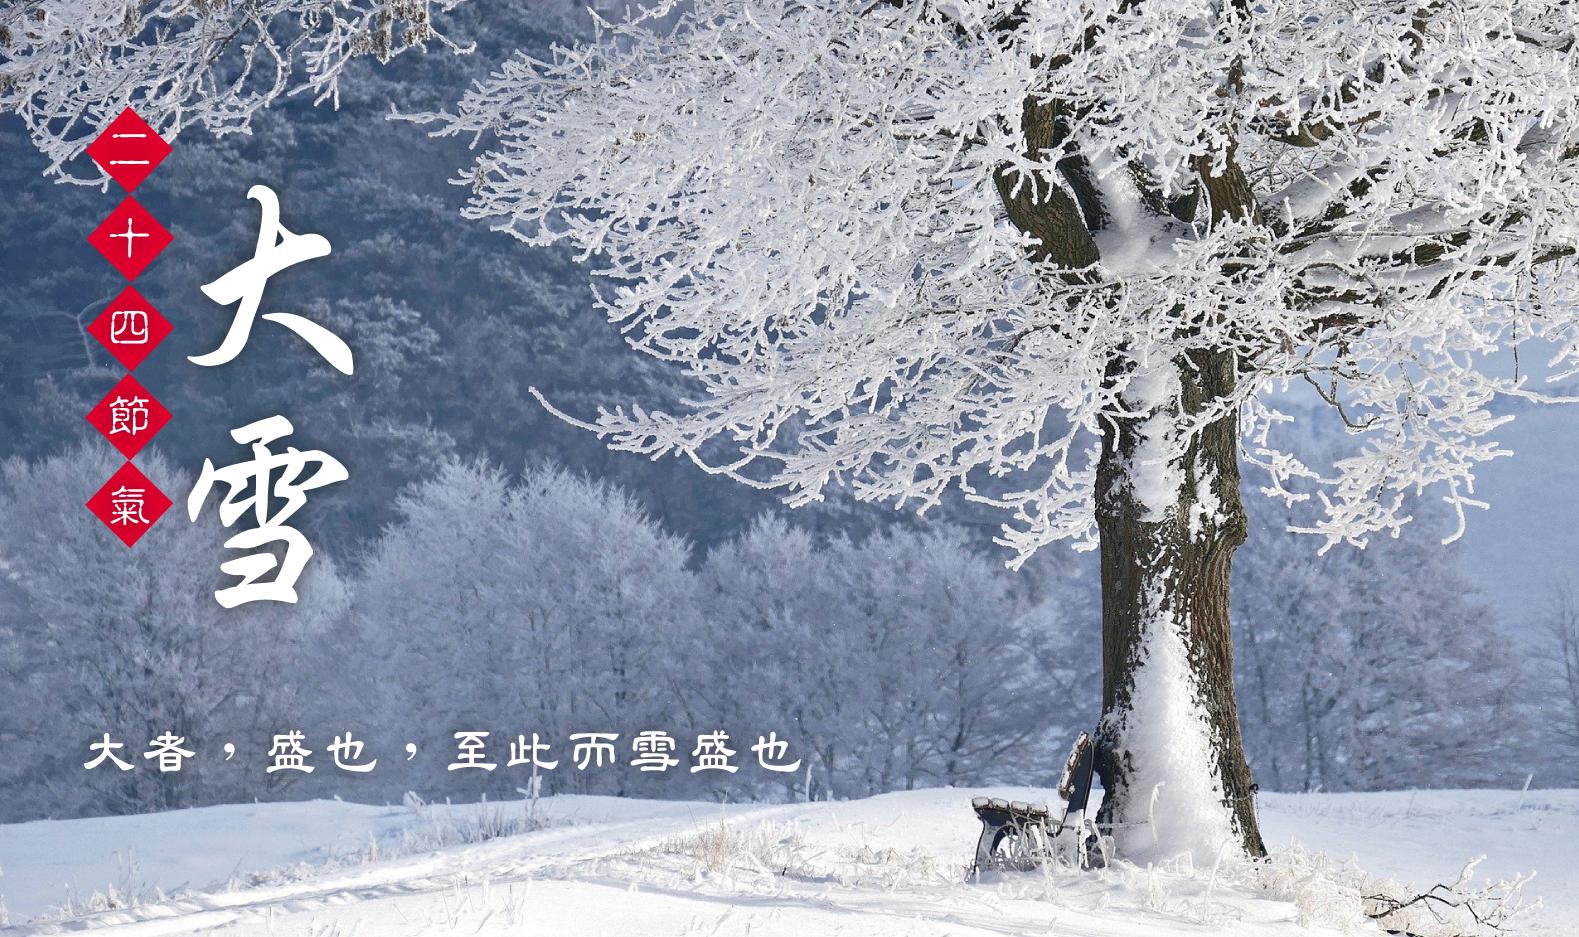 大雪至冬至「運勢」大解析!這4個生肖小心財運「出包」